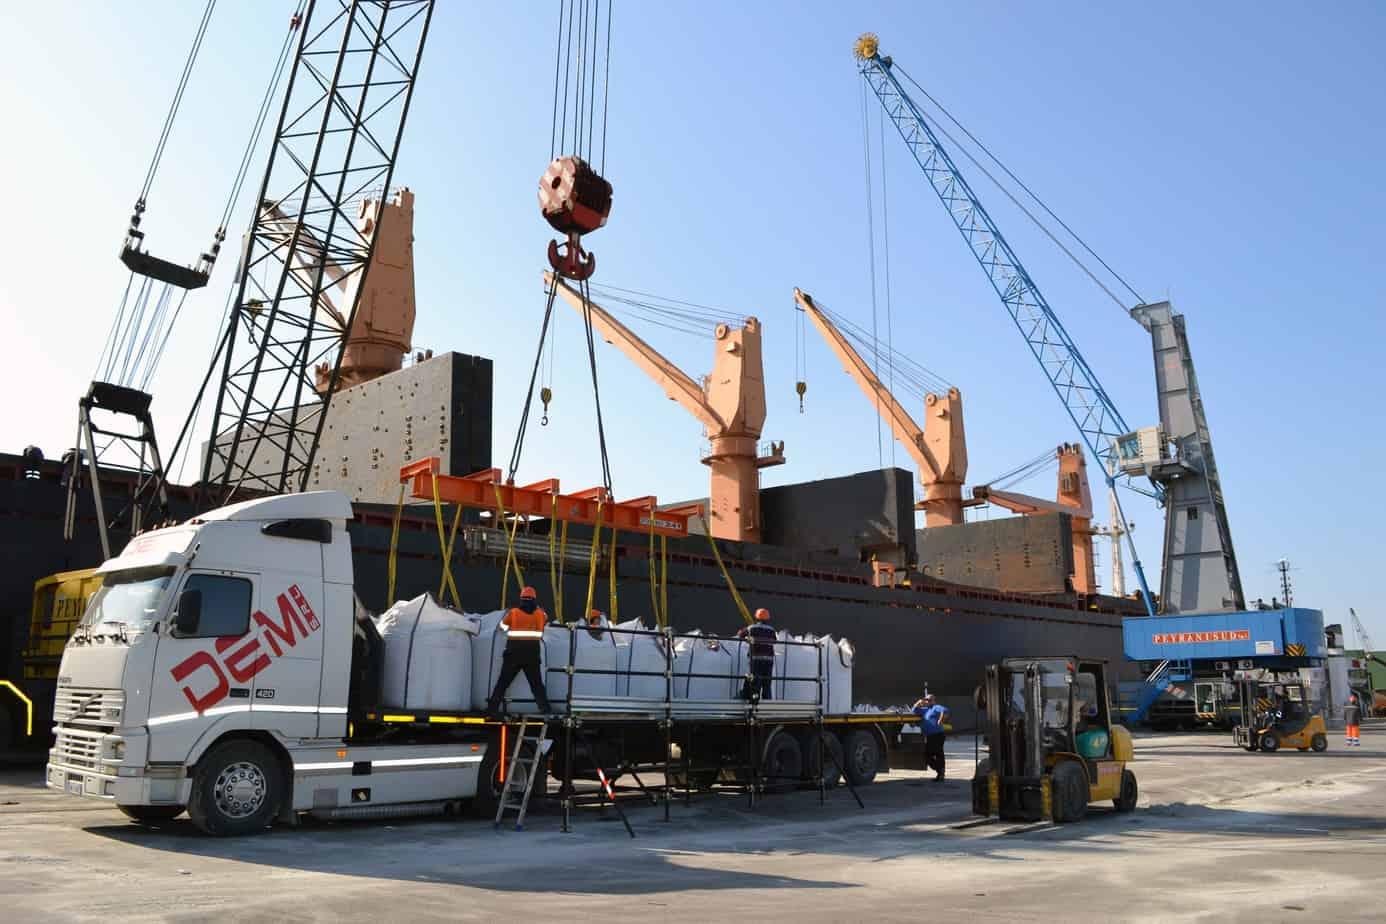 La movimentazione di merci industriali al porto di Taranto